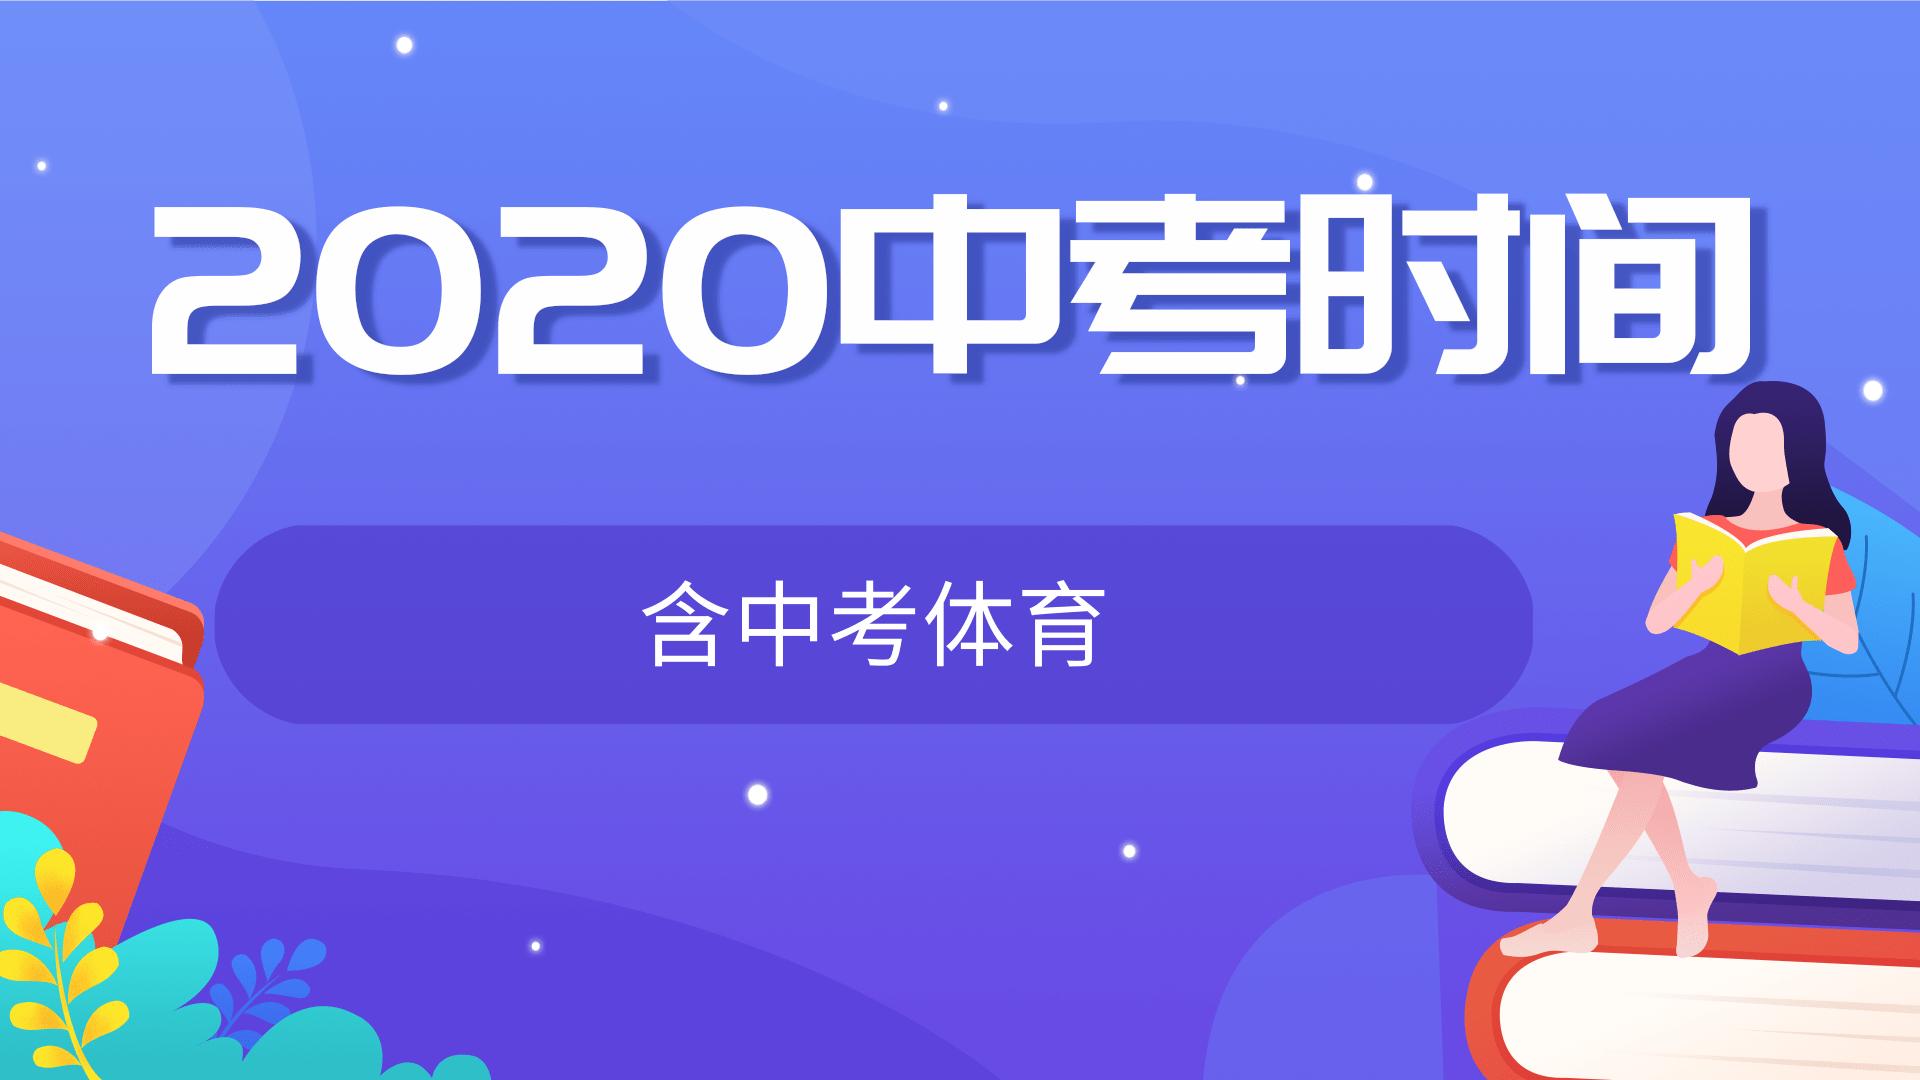 2020年全国各省市贝博app下载时间汇总